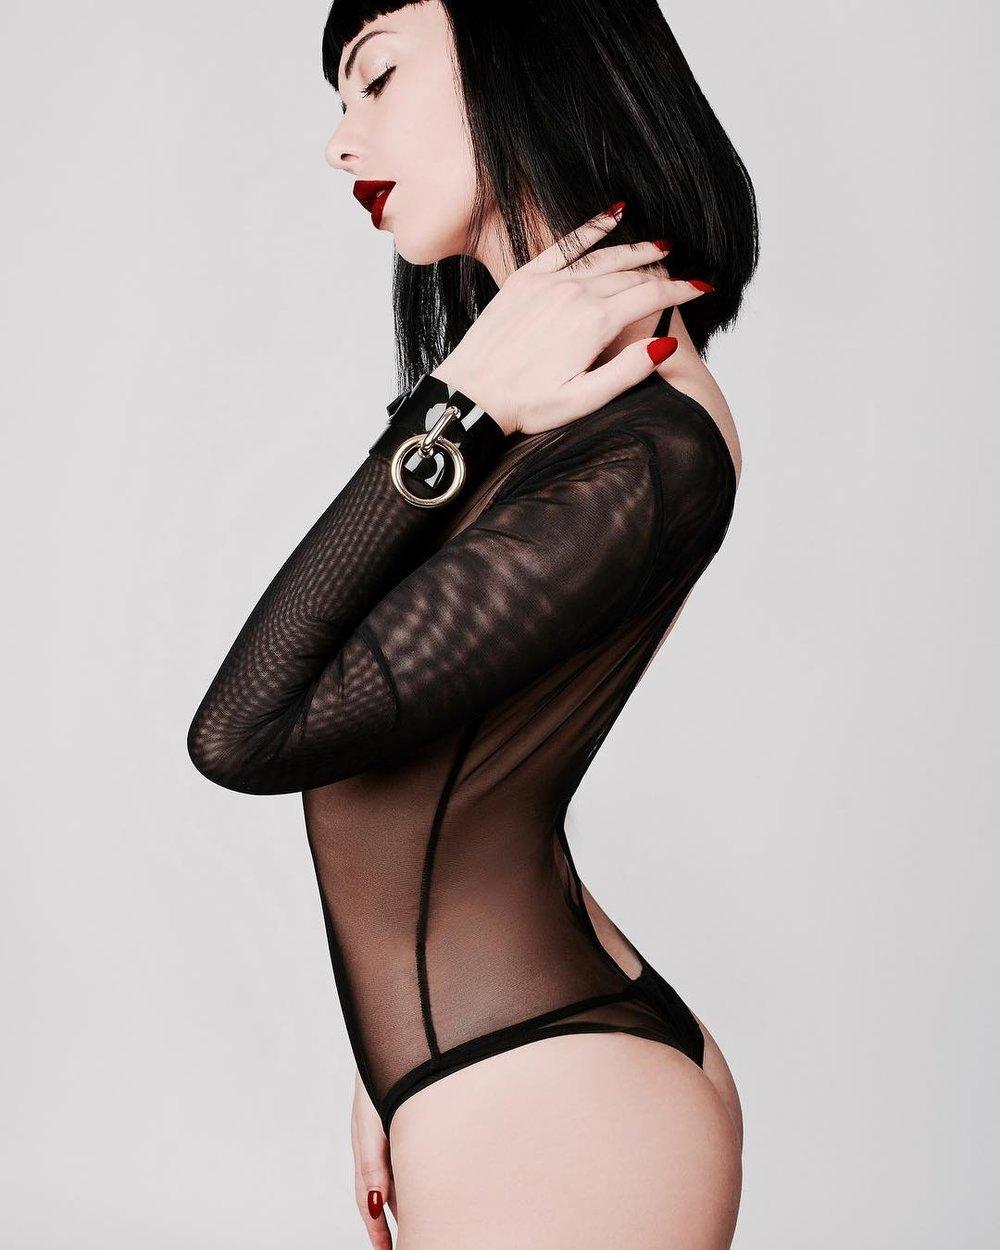 Klaudia Brahja Nude Photos 10